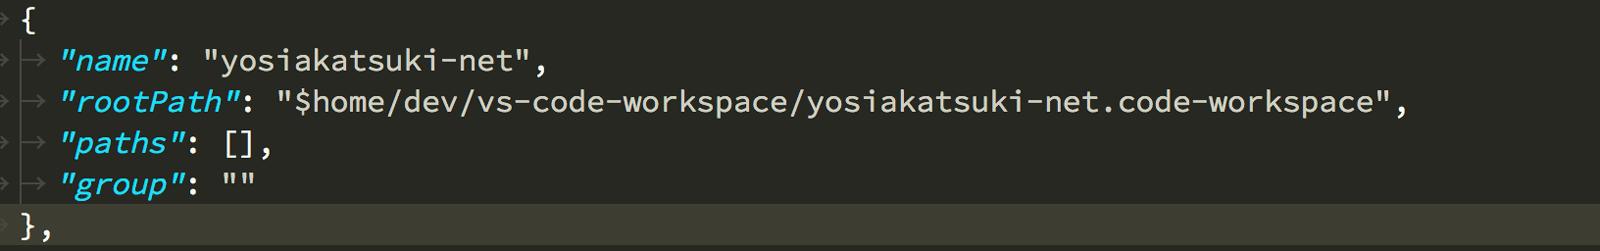 Project Managerにワークスペースの保存ファイルを指定することで簡単に開くことが出来るようになります